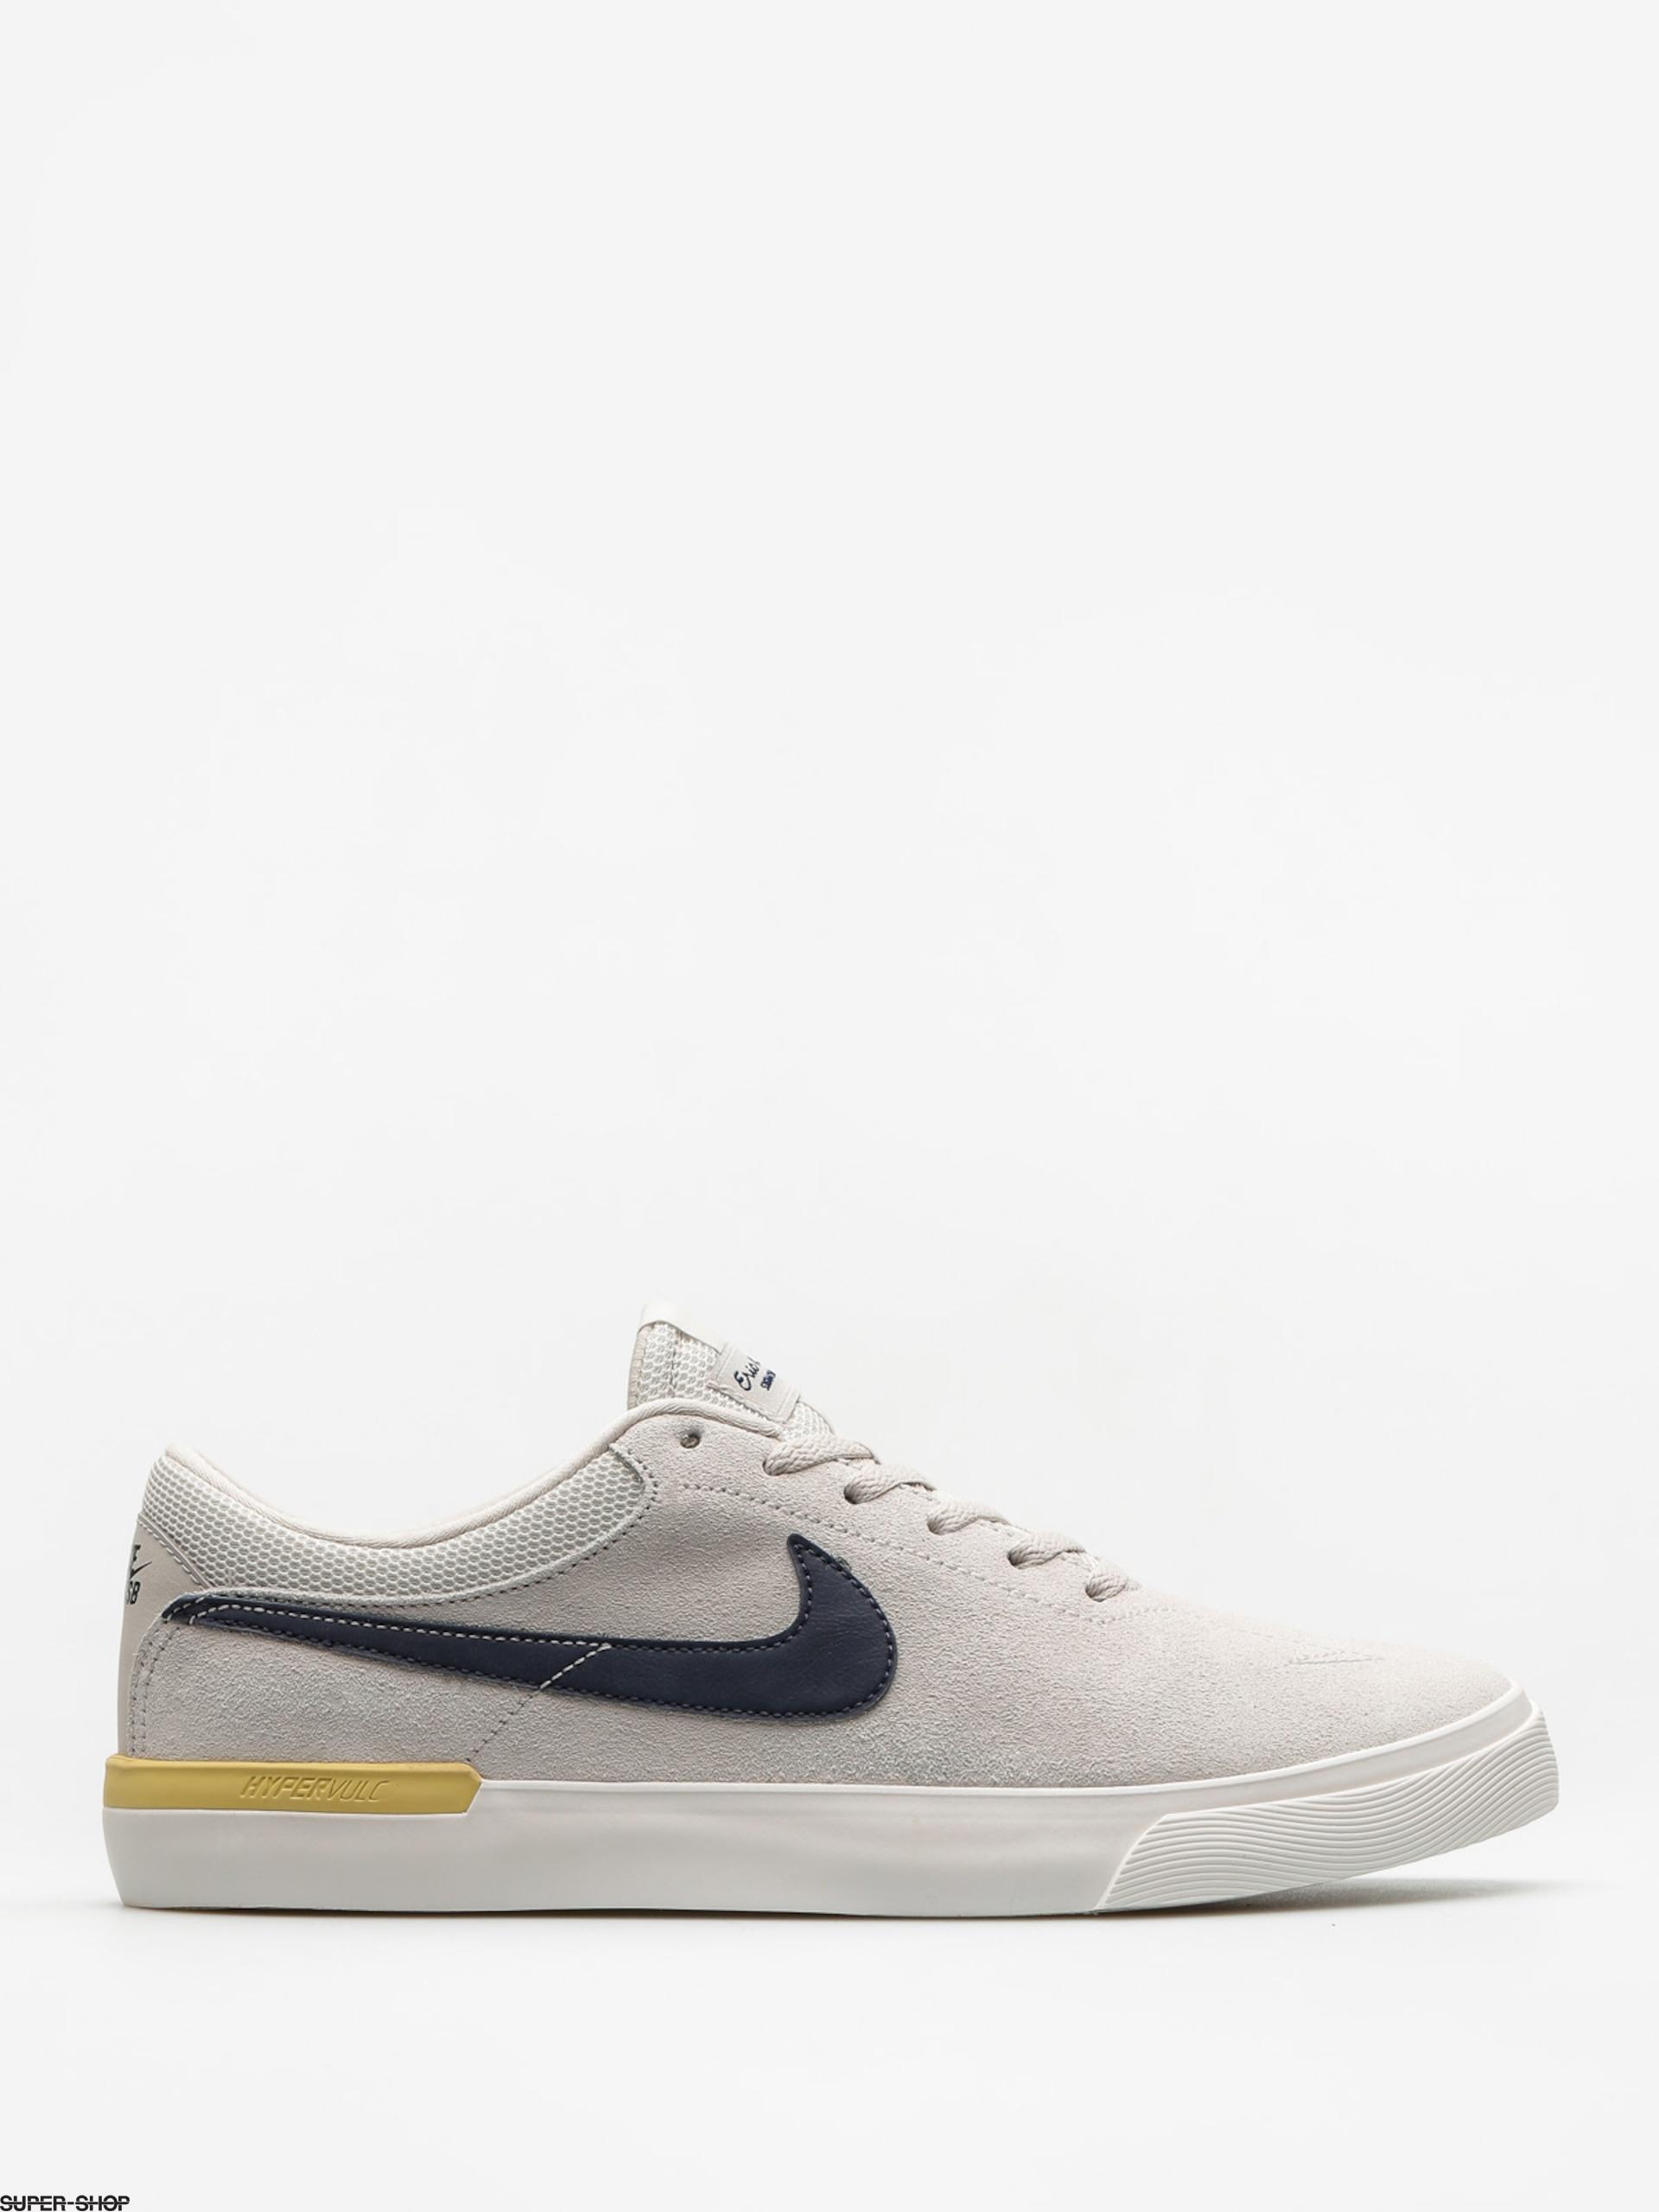 880b788f36d2 Nike SB Shoes Hypervulc Eric Koston (light bone thunder blue lemon wash)